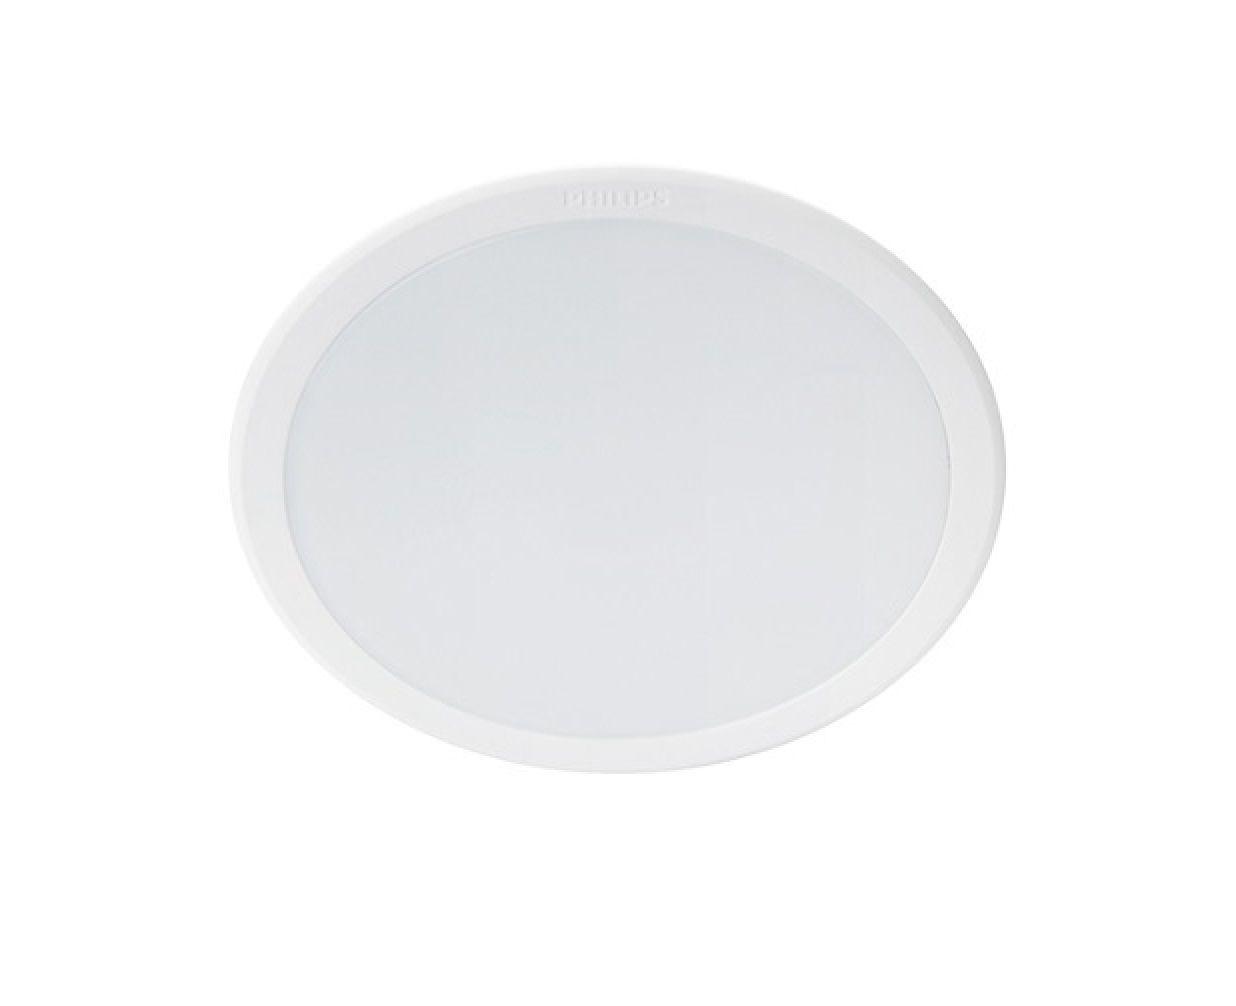 LED panelės namų naudojimui